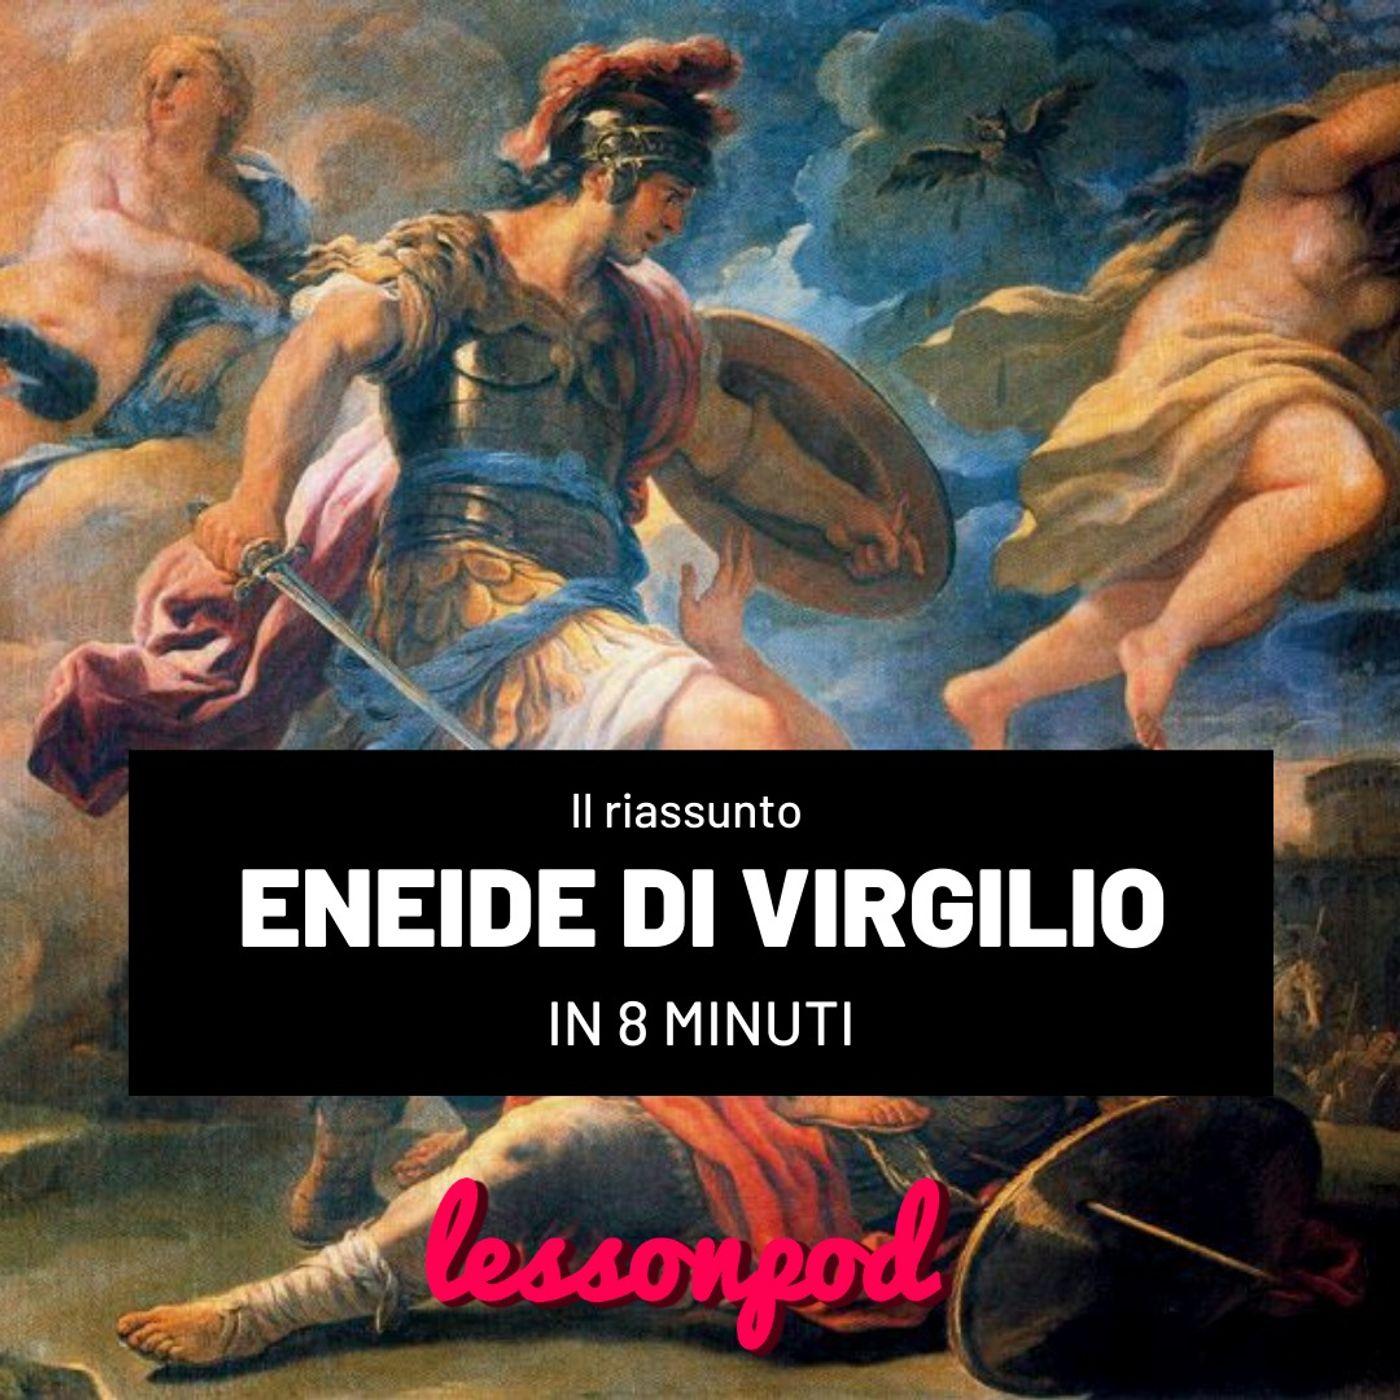 Il riassunto dell'Eneide di Virgilio in 8 minuti